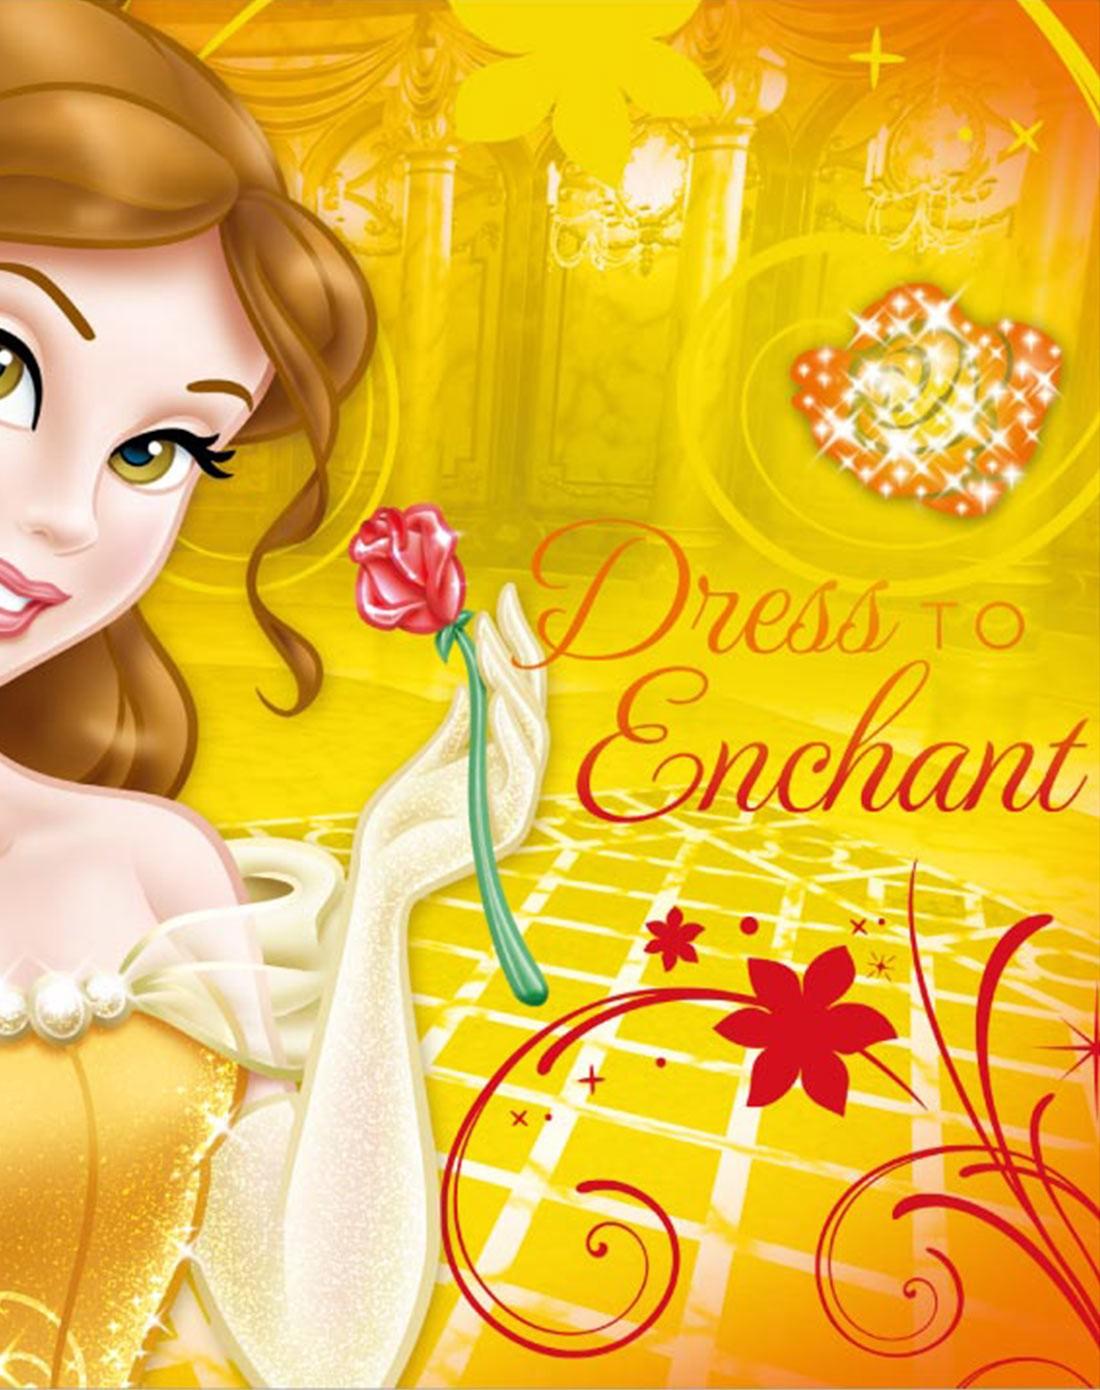 迪士尼disney儿童家具专场挂画-贝儿公主欢乐时光